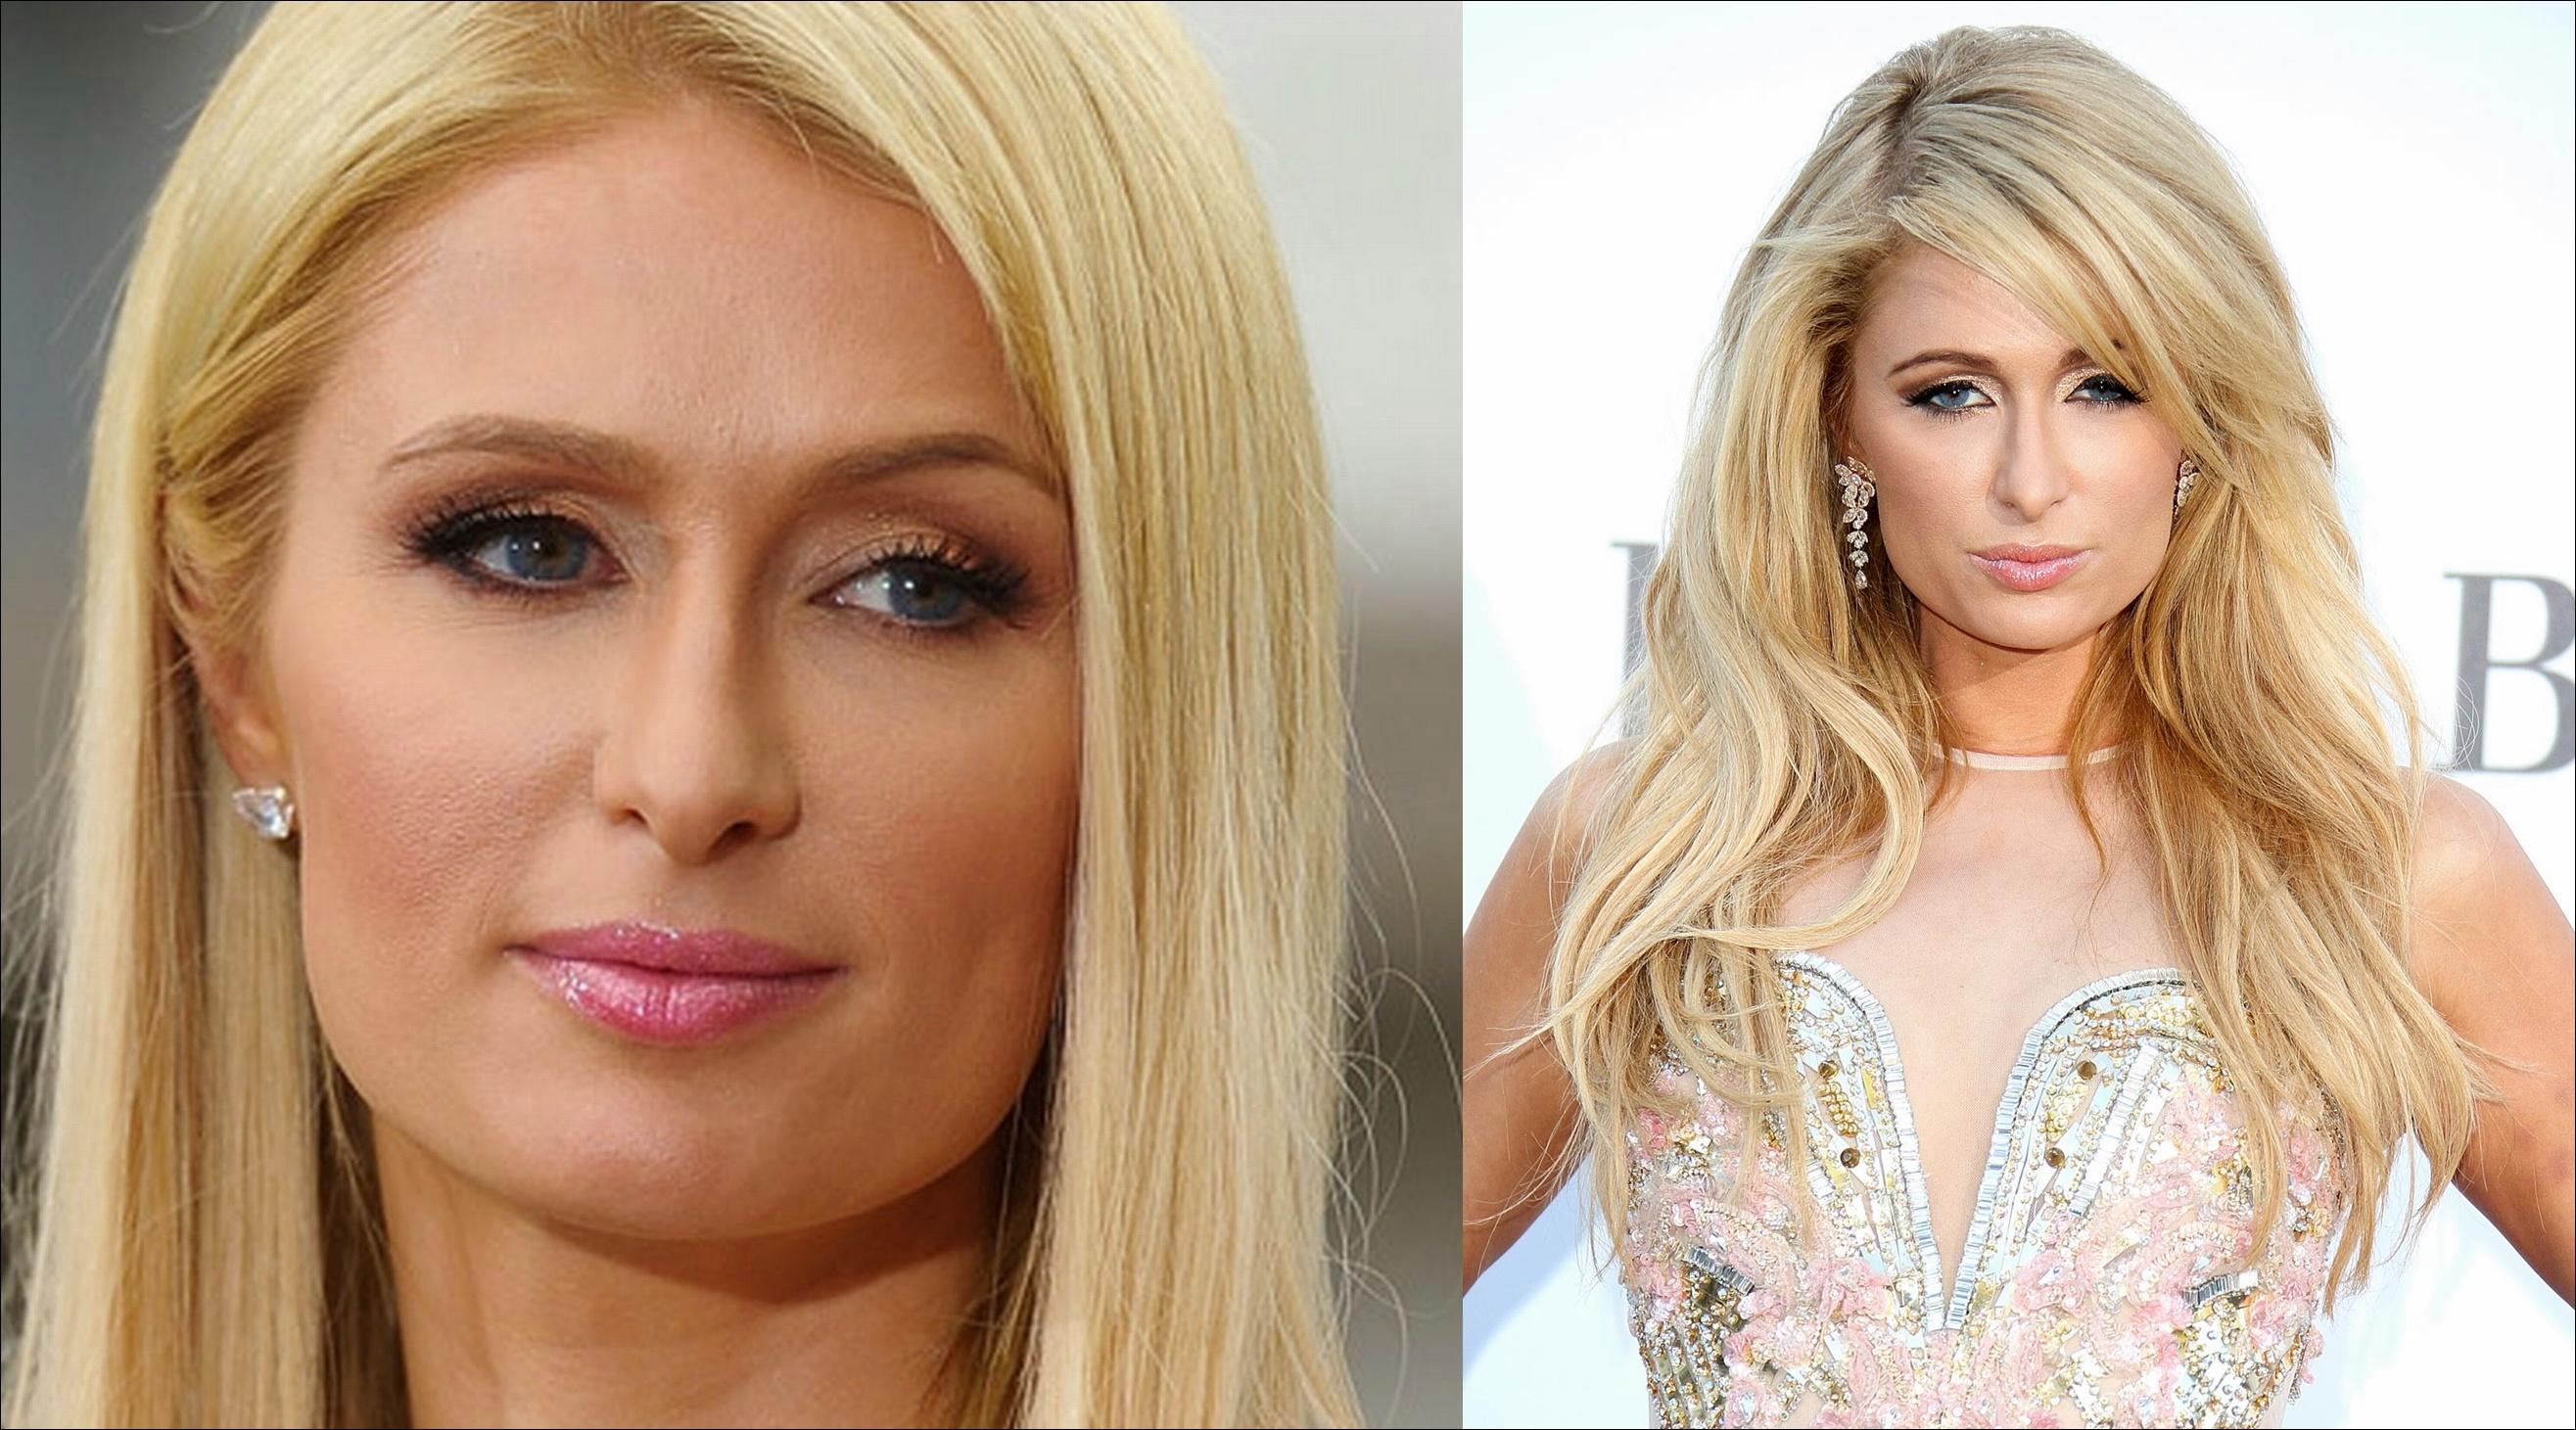 Paris Hilton Nase Job Plastische Chirurgie vor und nach Nasenkorrektur Fotos